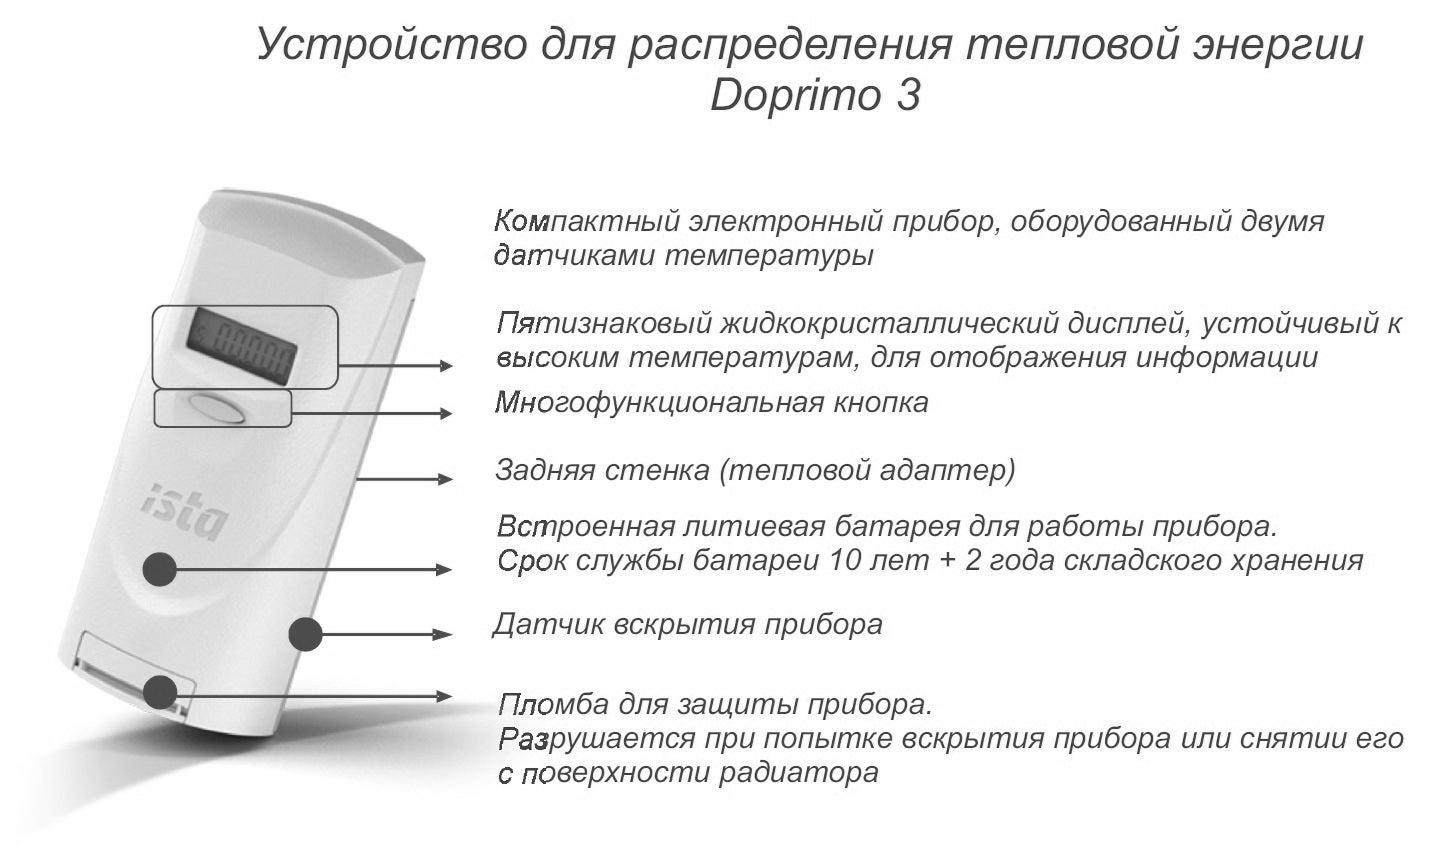 акт образец о несанкционированном вмешательстве в работу квартирного водосчетчика